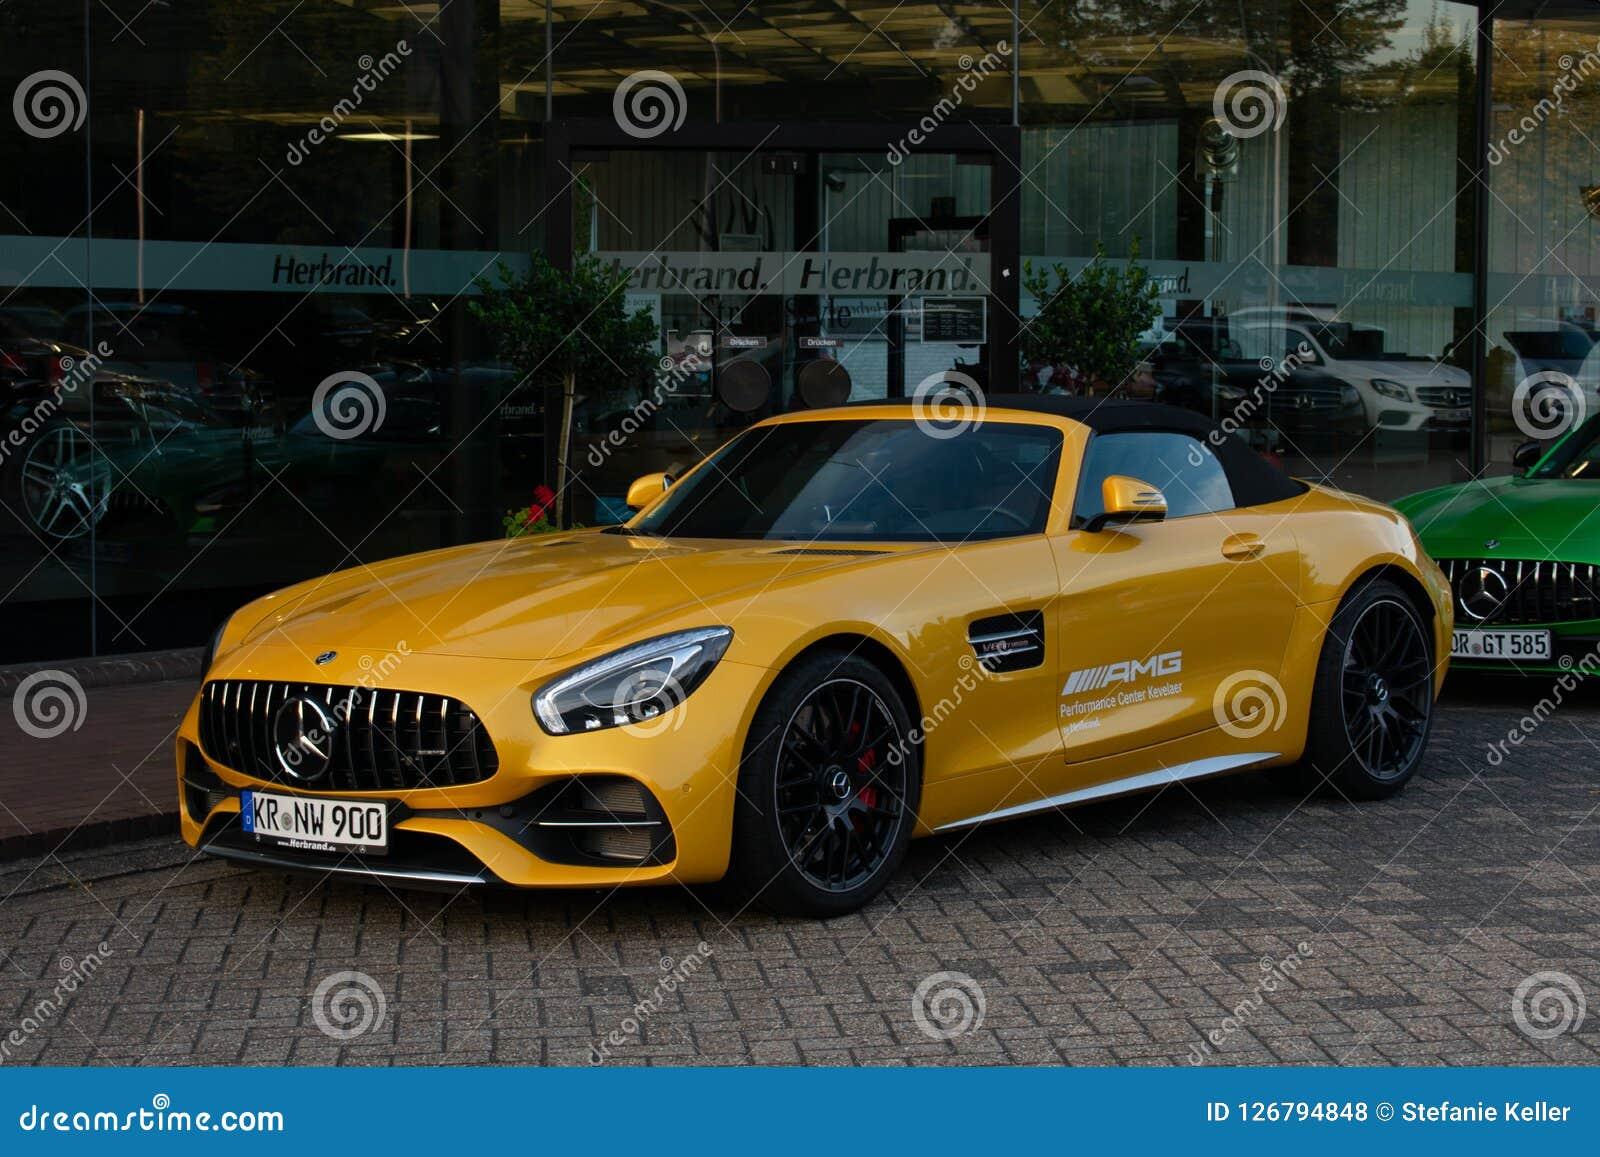 O Carro De Esportes Mercedes Amg Gt No Amarelo Foto De Stock Editorial Imagem De Carro Negociante 126794848